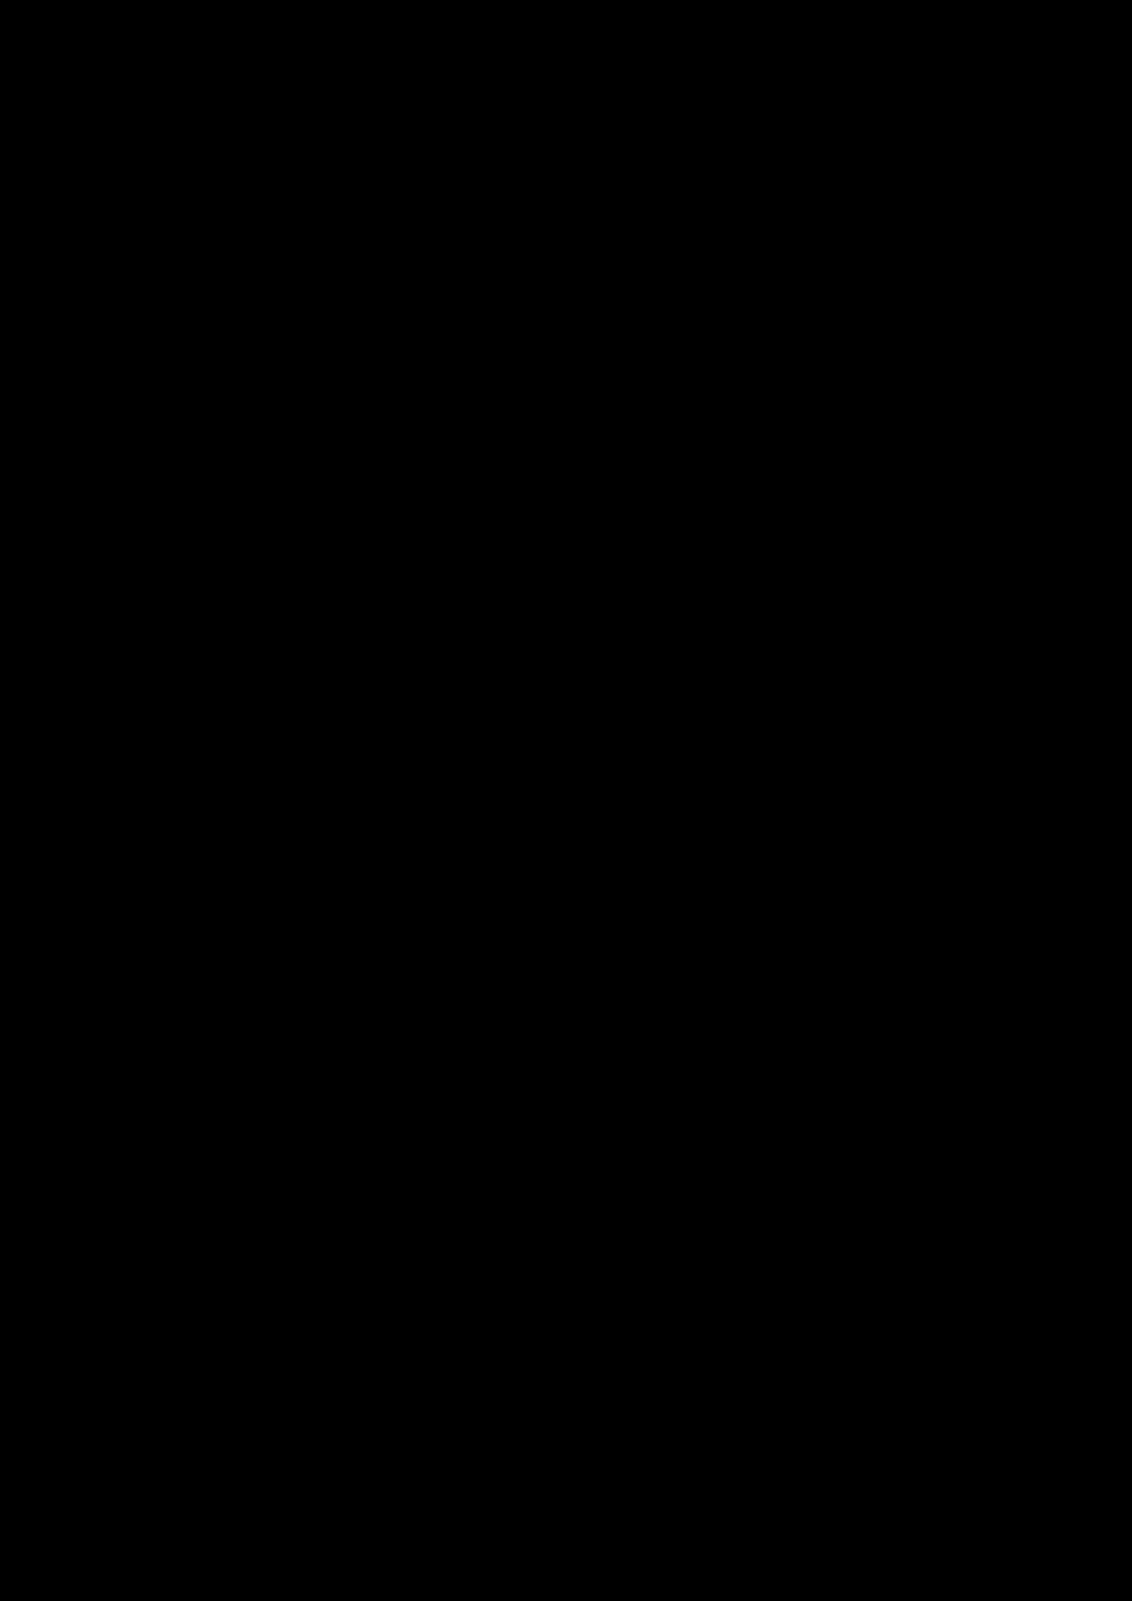 Zagadka volshebnoy stranyi slide, Image 114